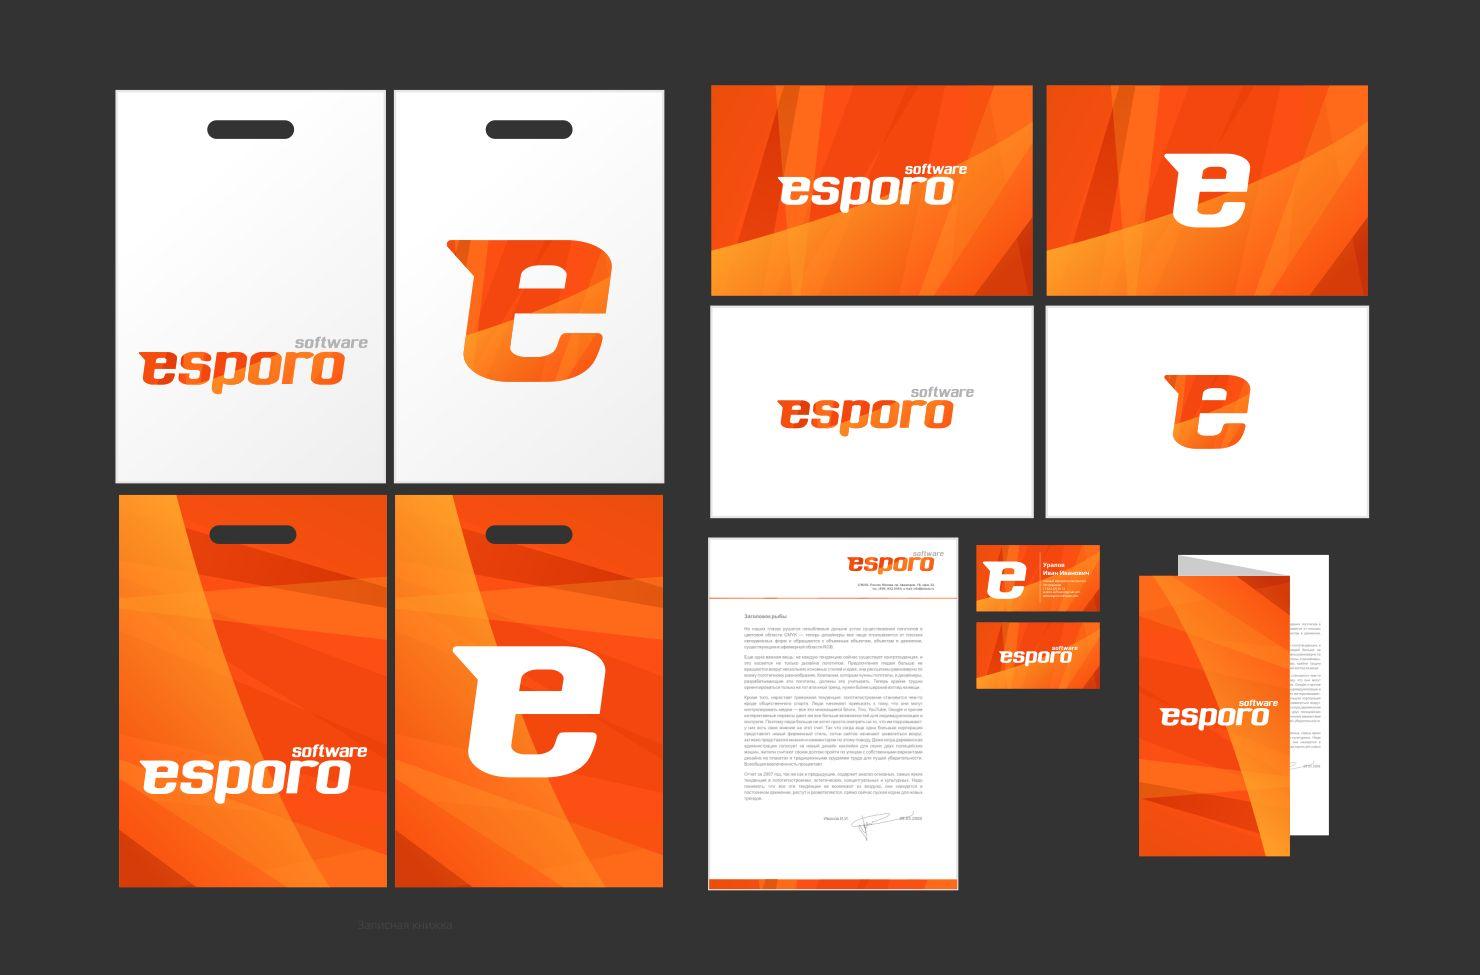 Логотип и фирменный стиль для ИТ-компании - дизайнер OlegSoyka